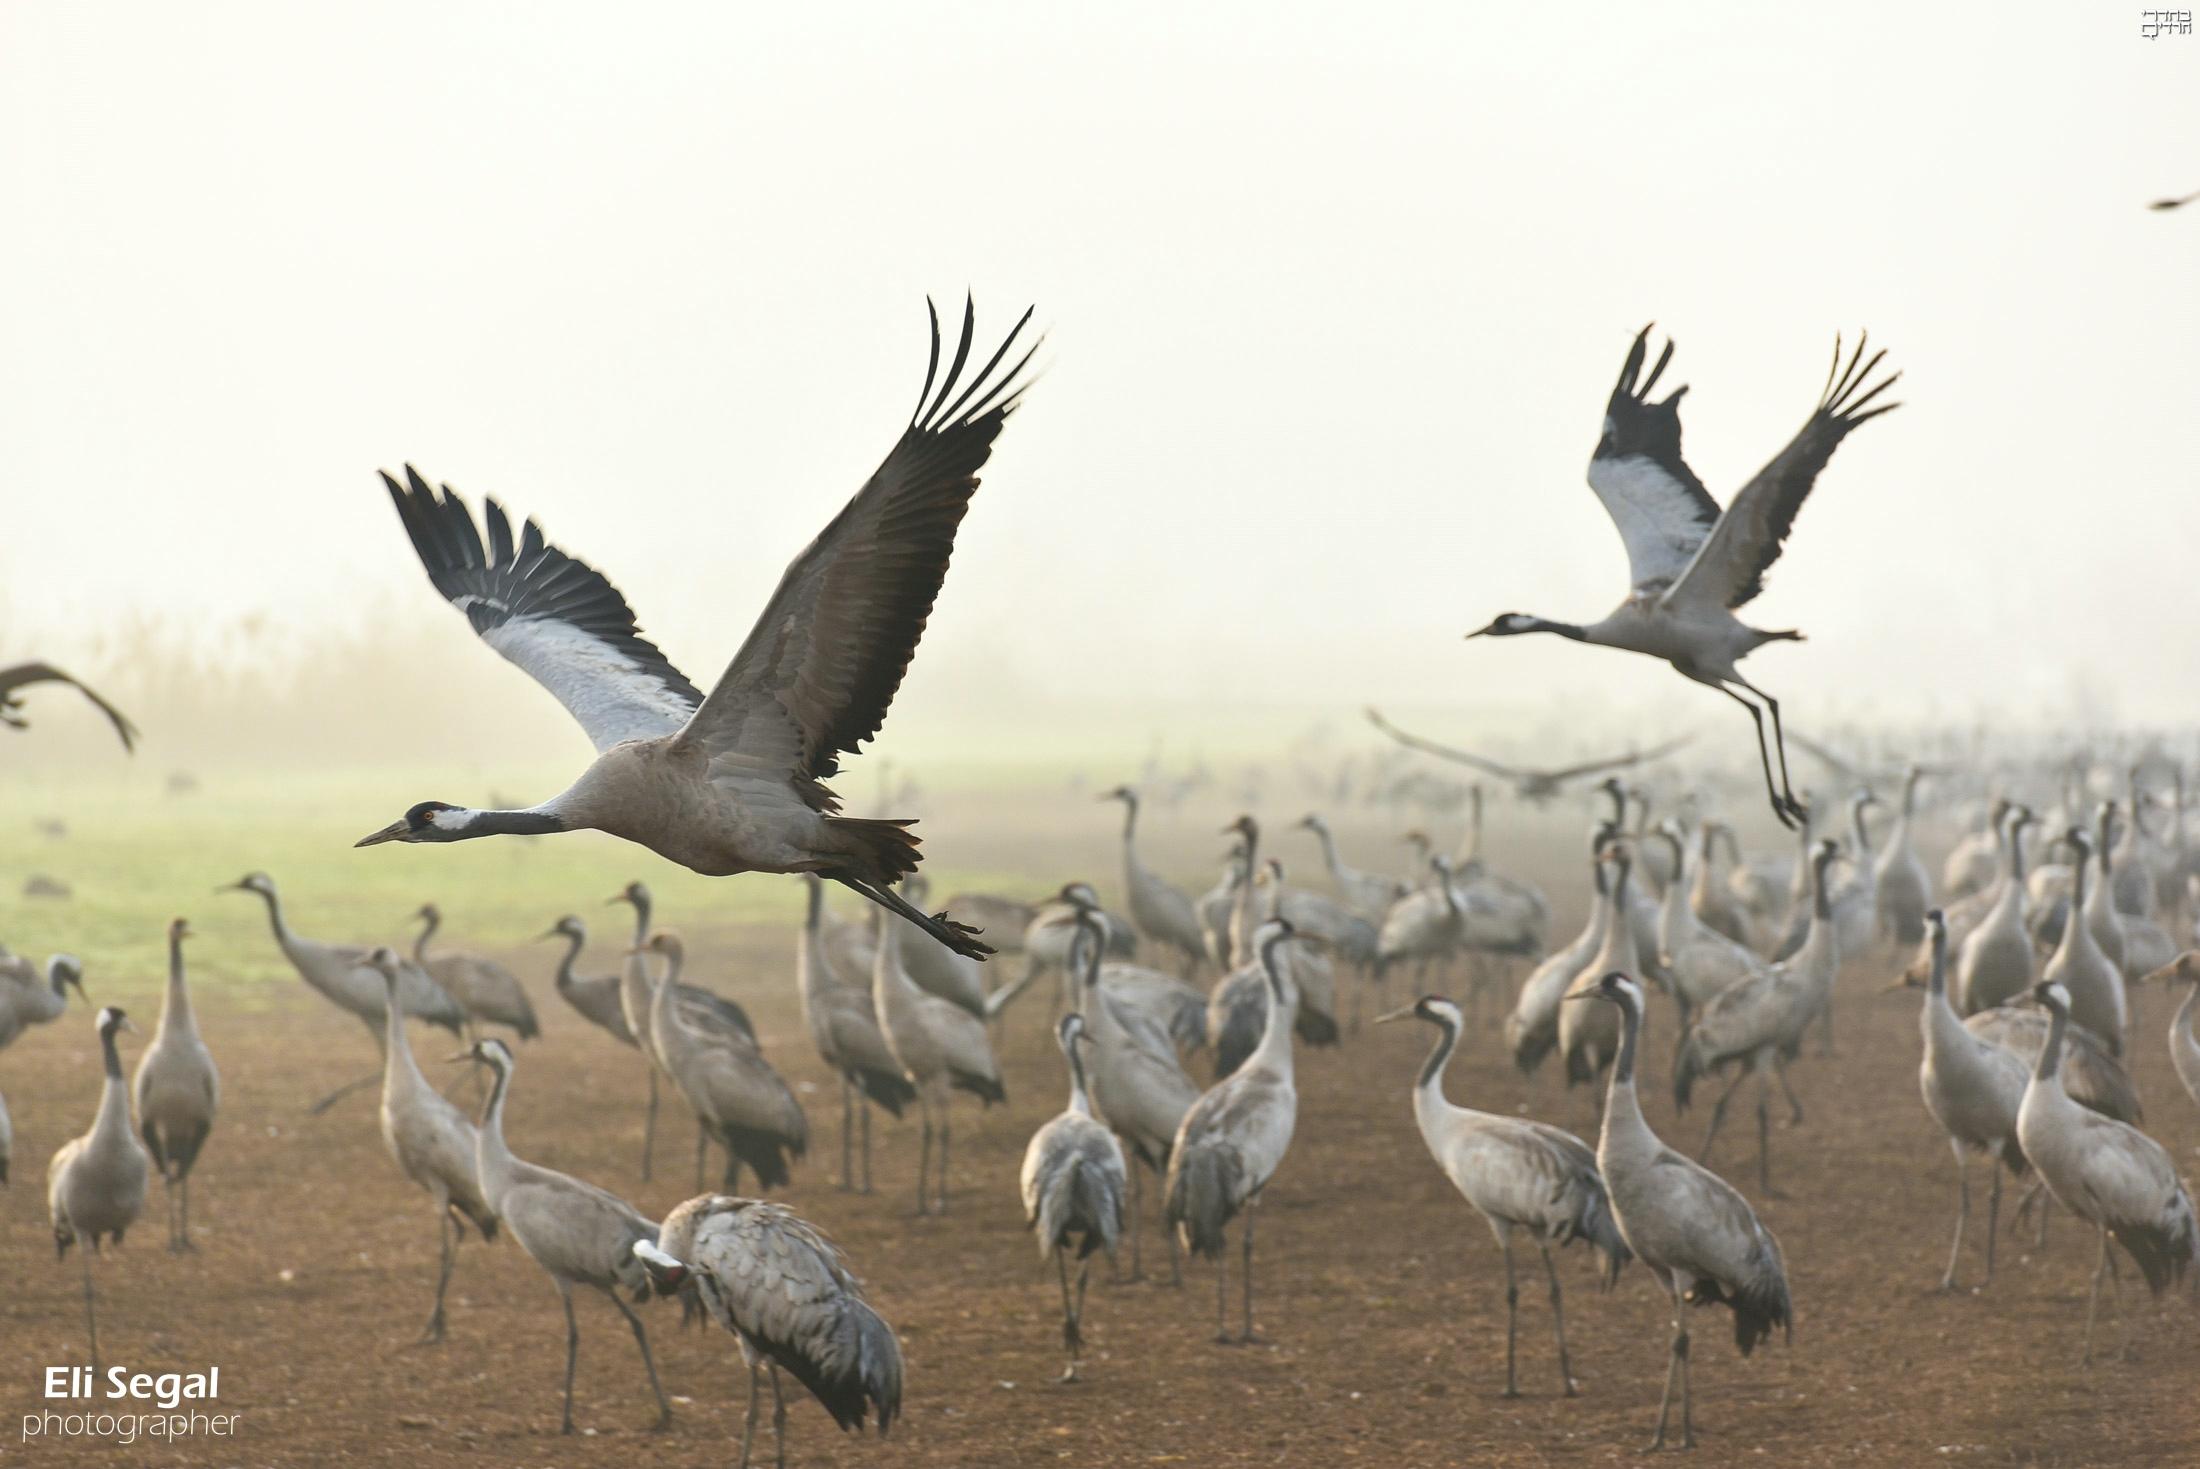 עונת הנדידה: הציפורים כיסו את אגמון החולה • גלריה